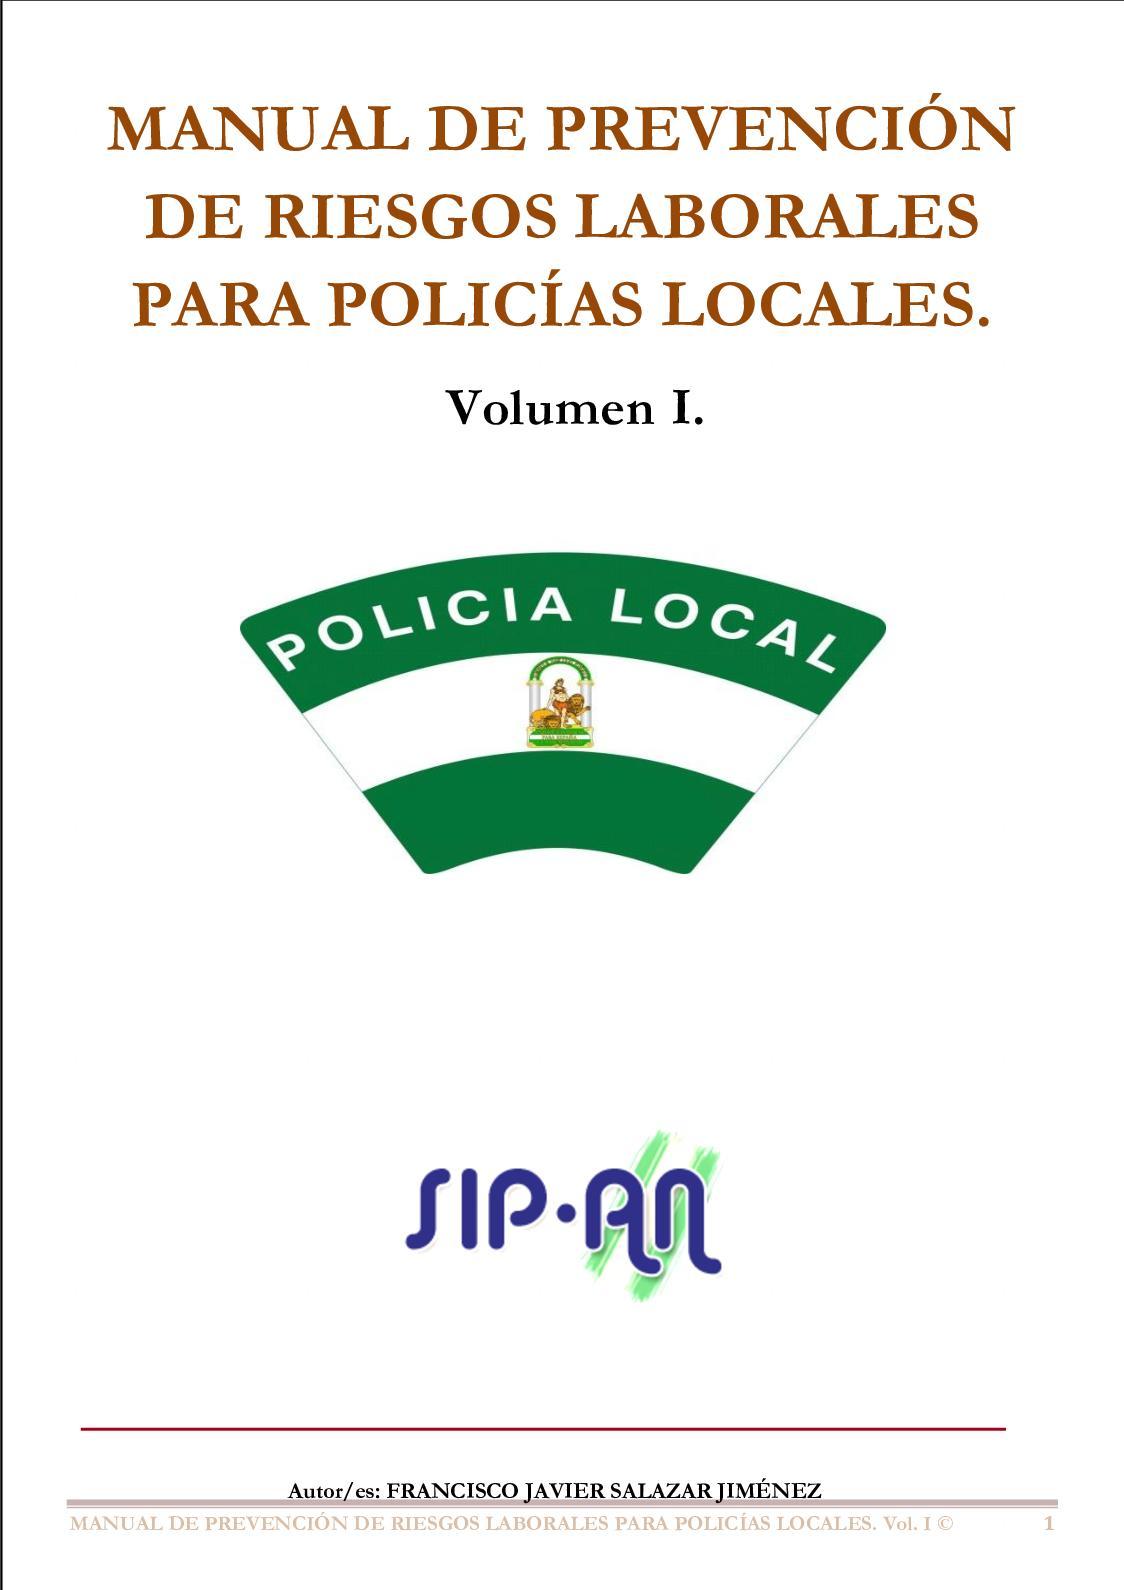 390 Manual De Prevencion De Riesgos Laborales Para Los Policias Locales Vol I